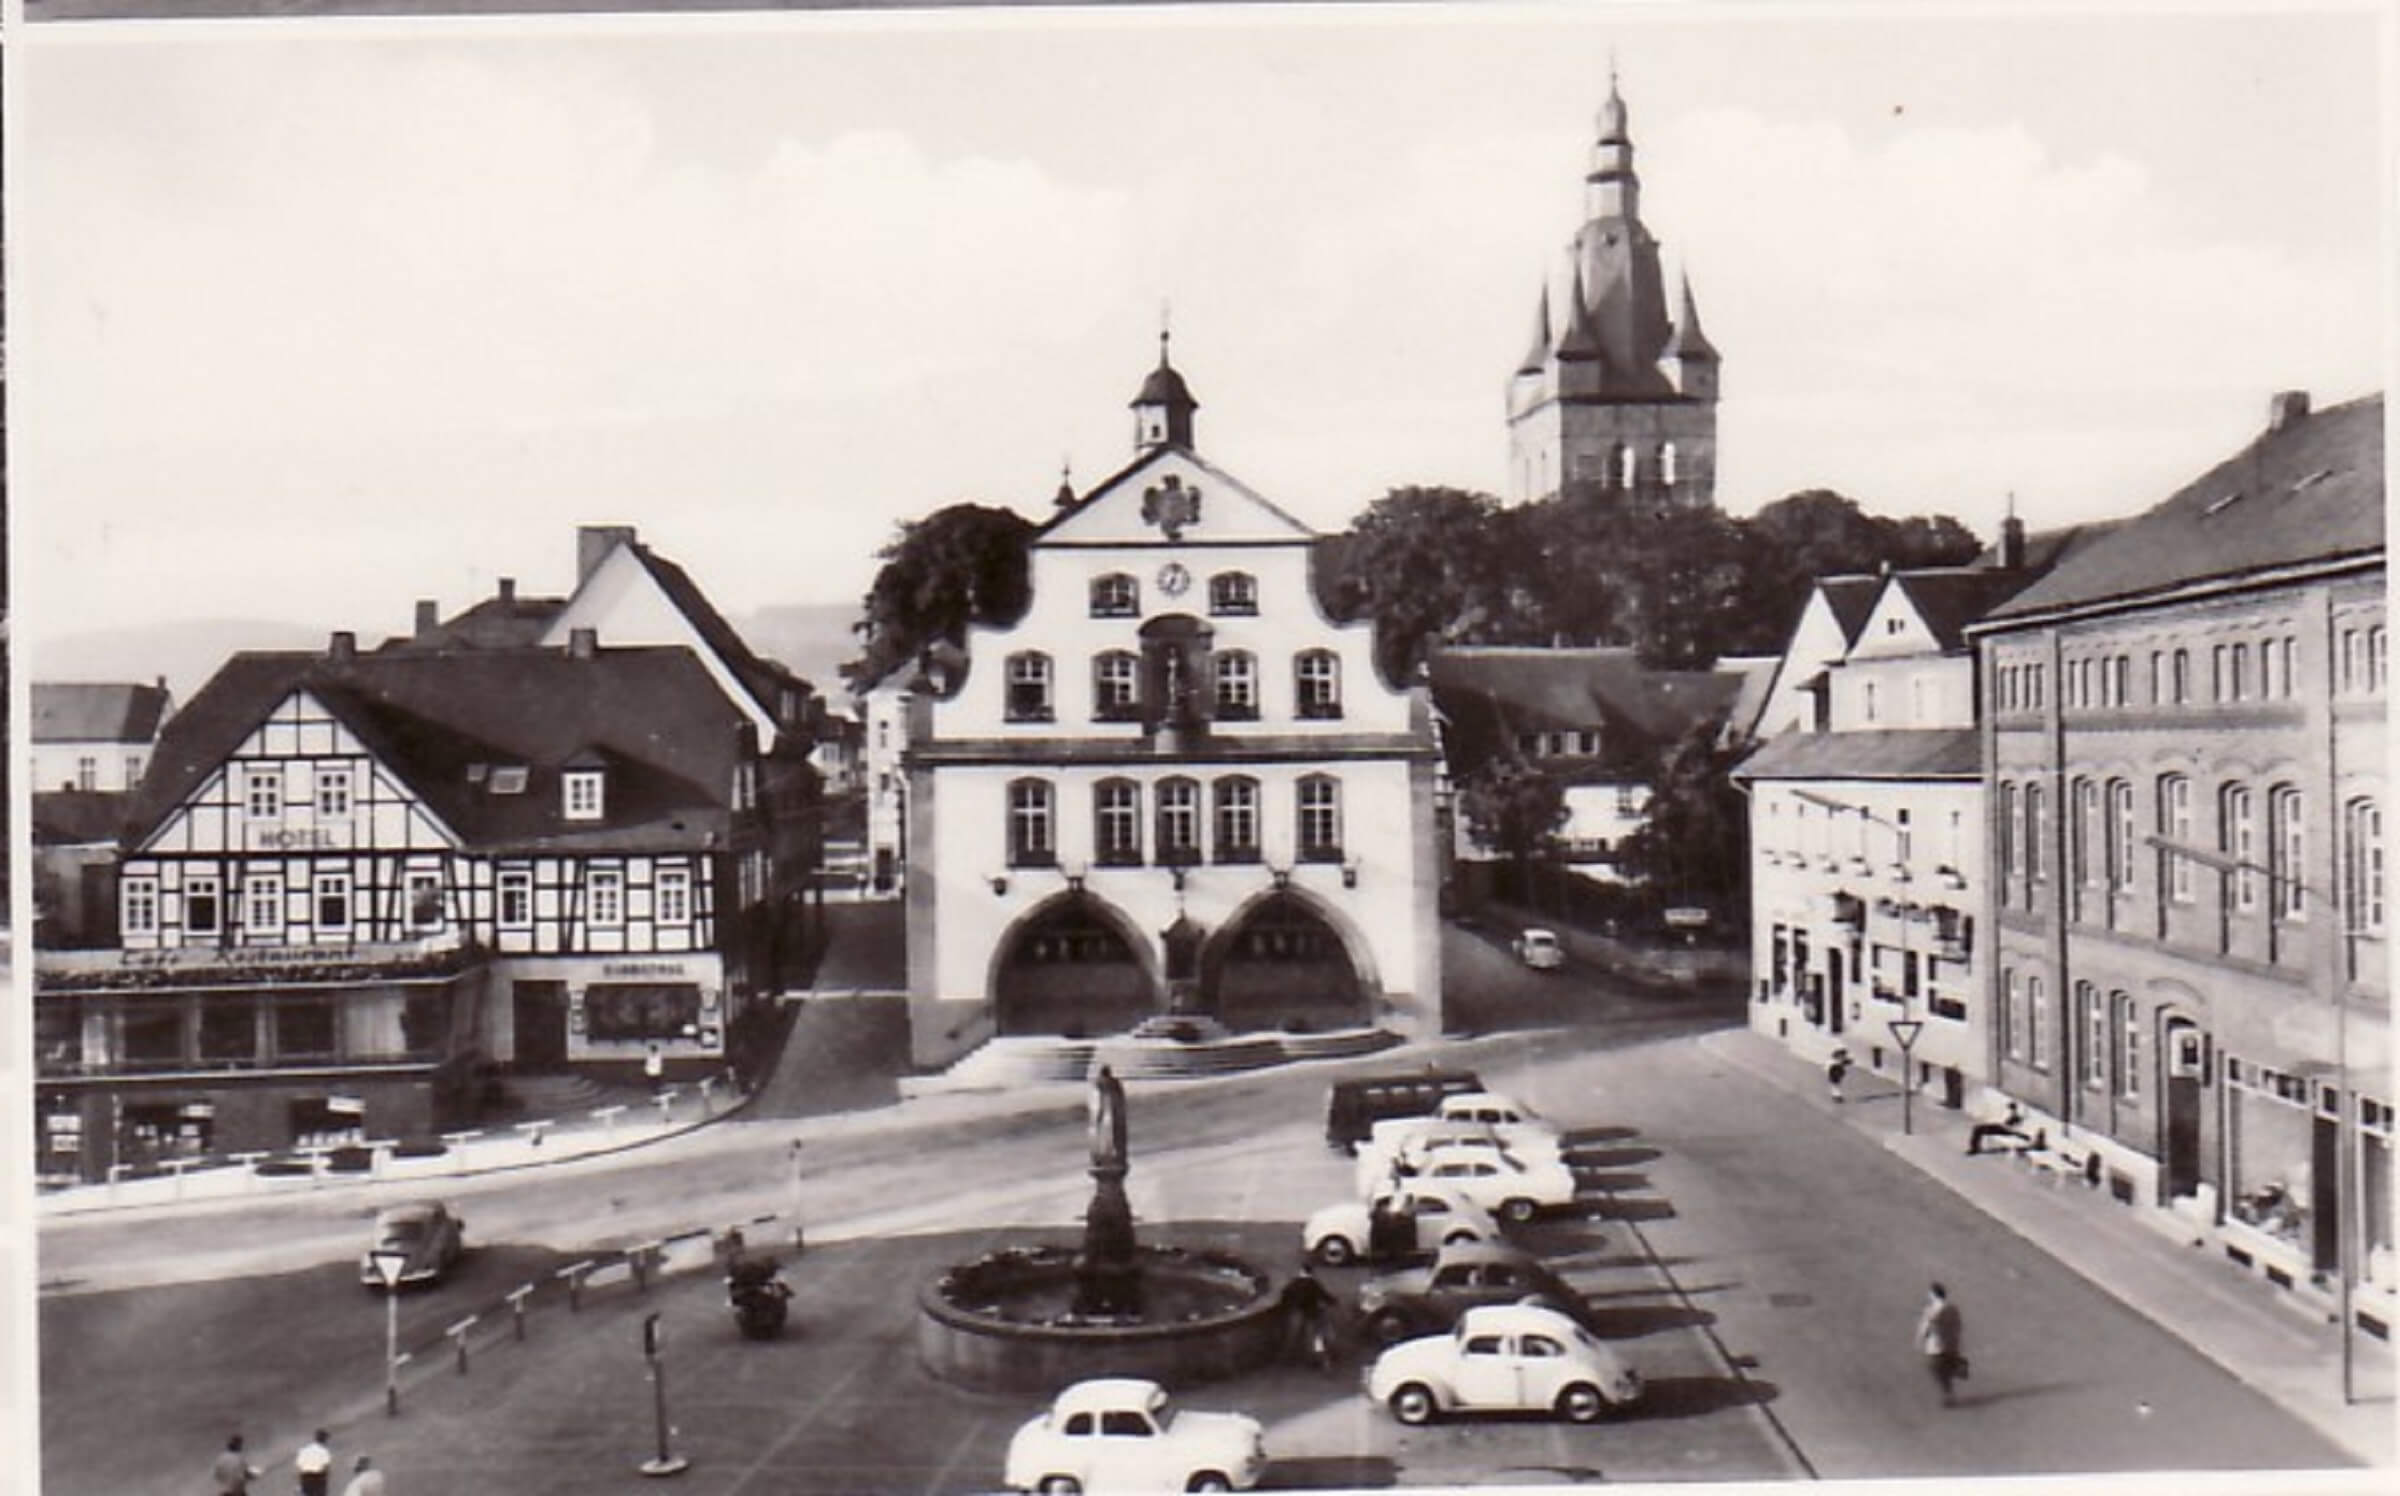 50er Jahre: Blick auf das historische Rathaus, das Haus Starke und den Marktplatz